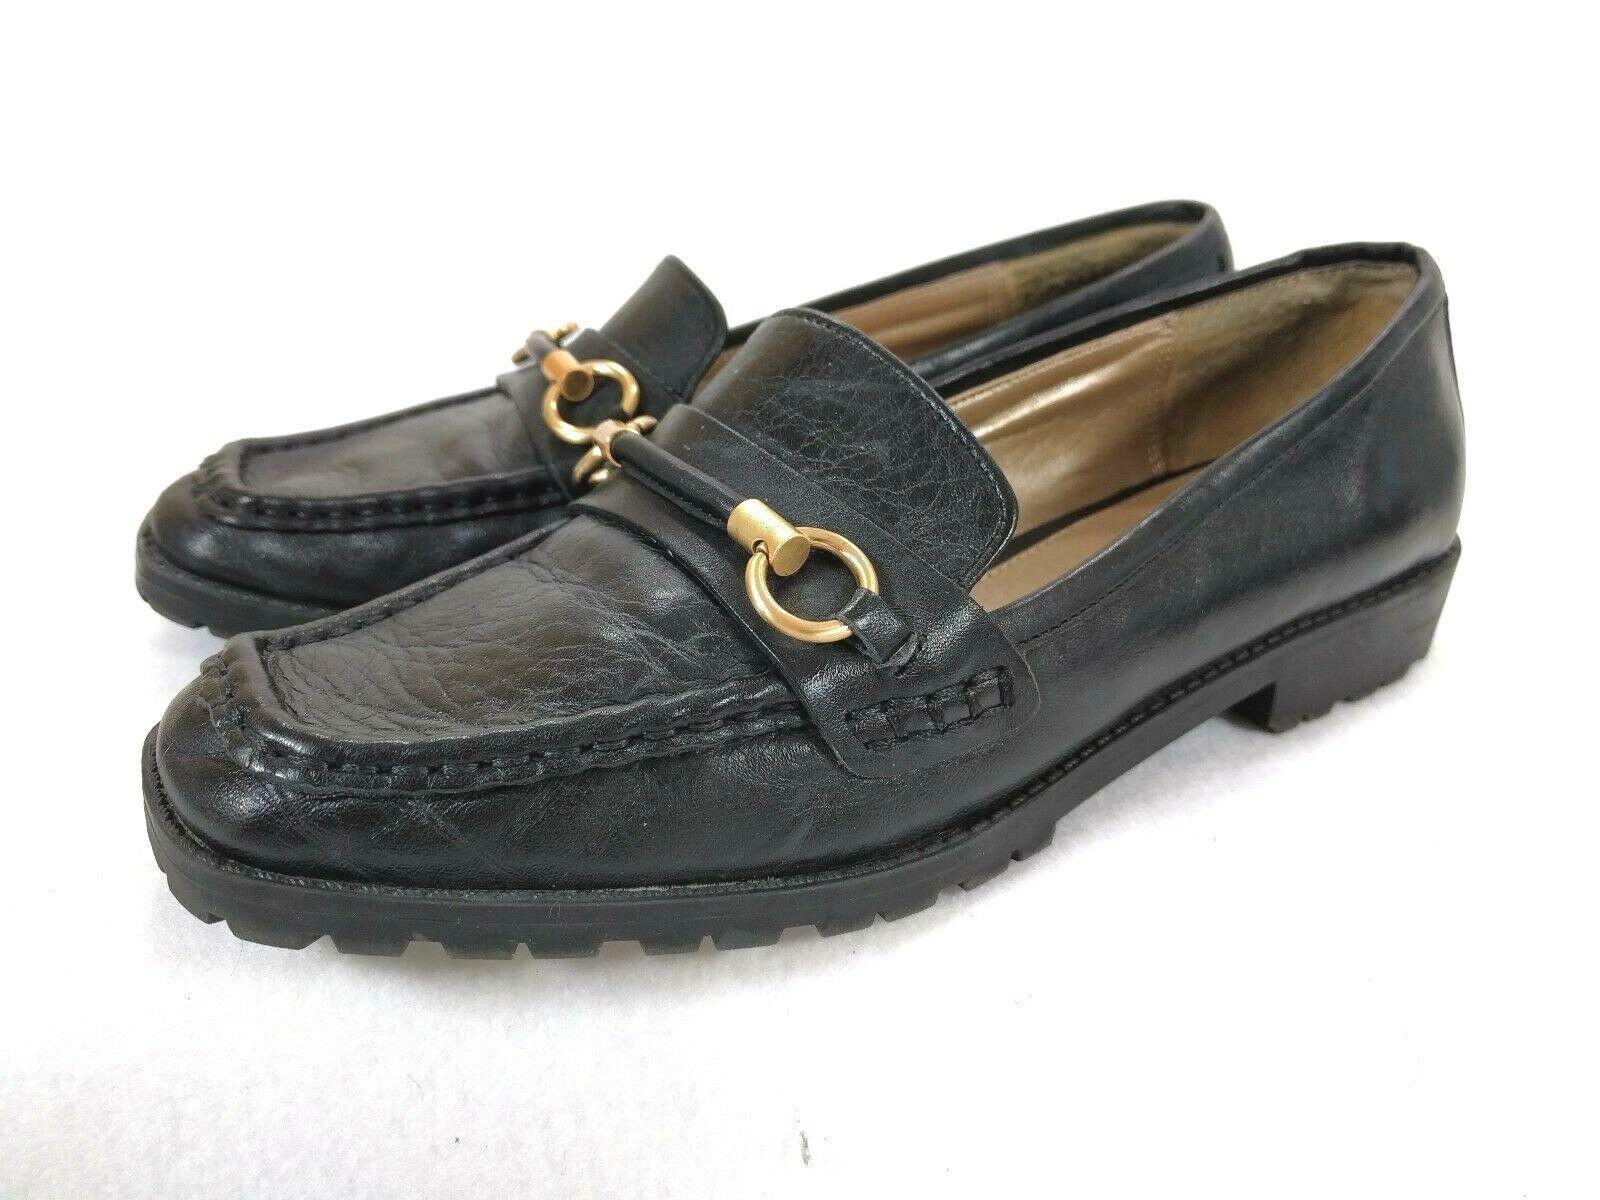 Liz Claiborne New York Black Women's  Horse Bit Loafers Non Slip Shoes Size 7.5M - $13.98